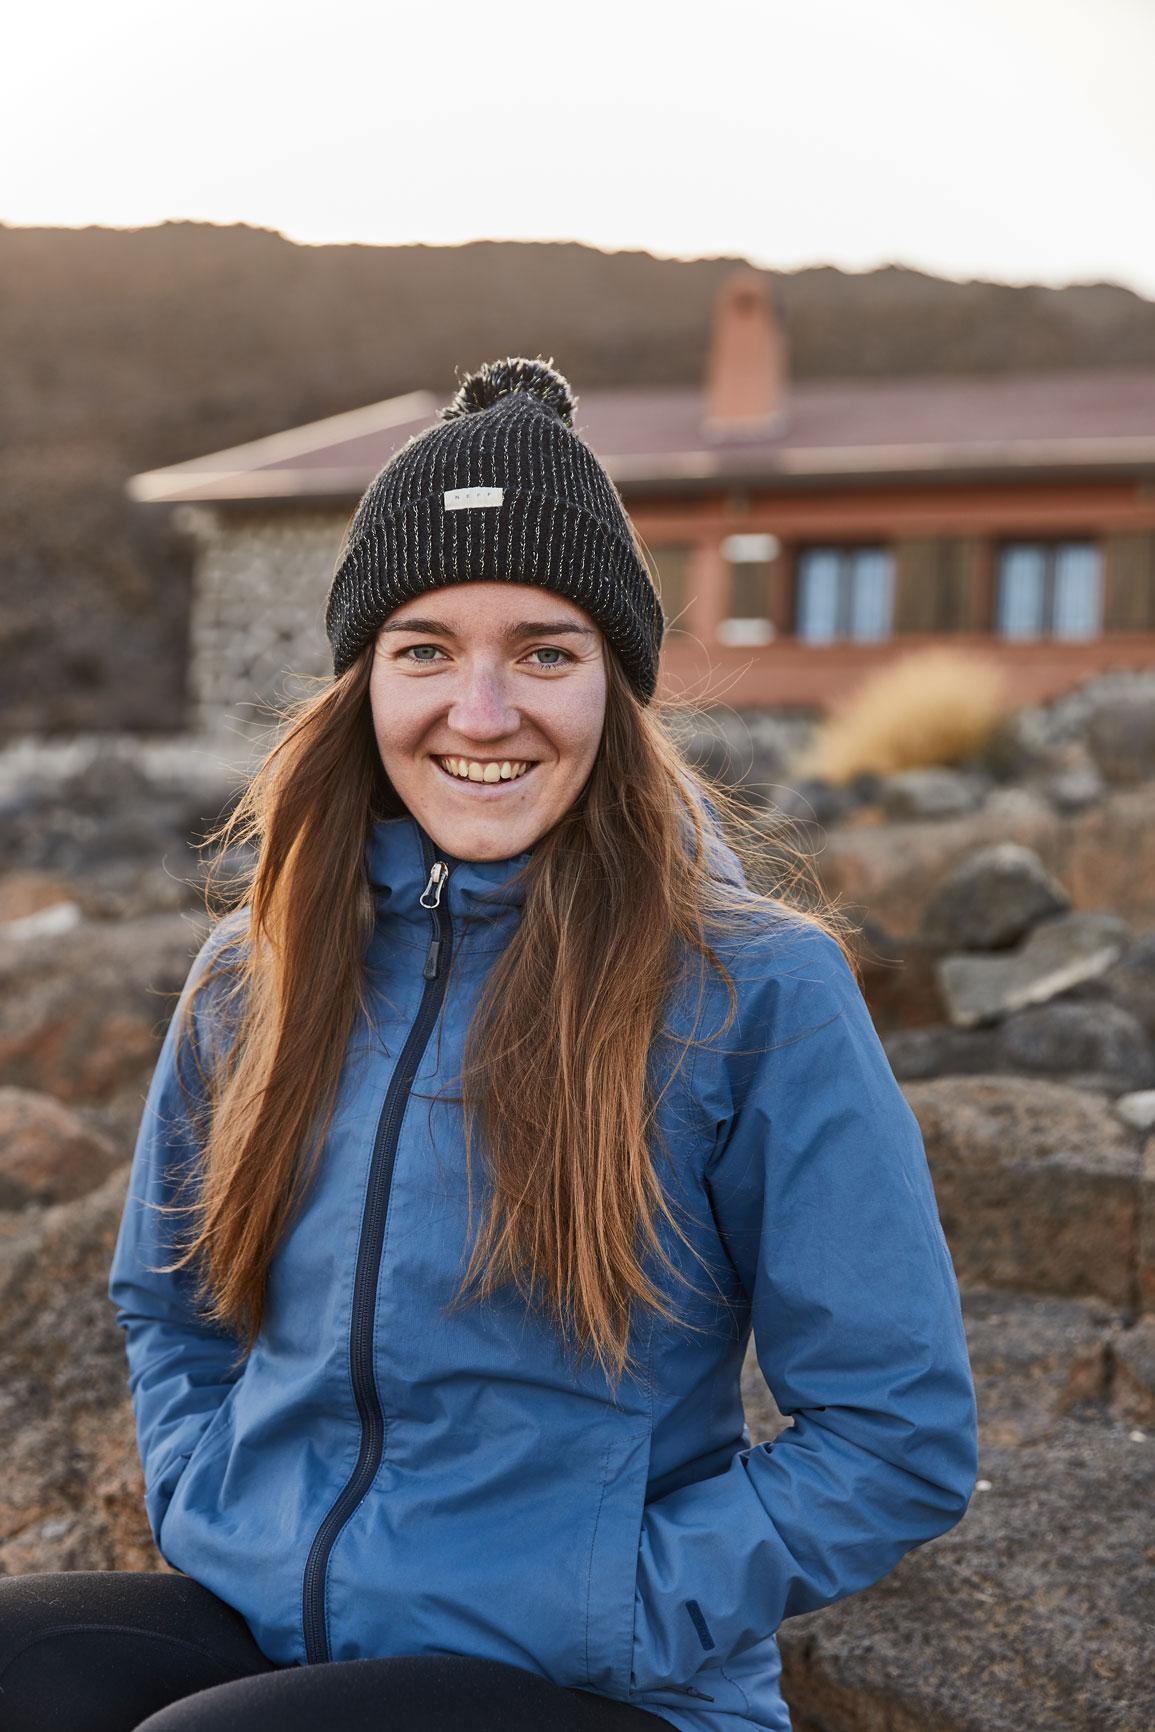 photographe outdoor refuge volcan randonnee reportage portrait